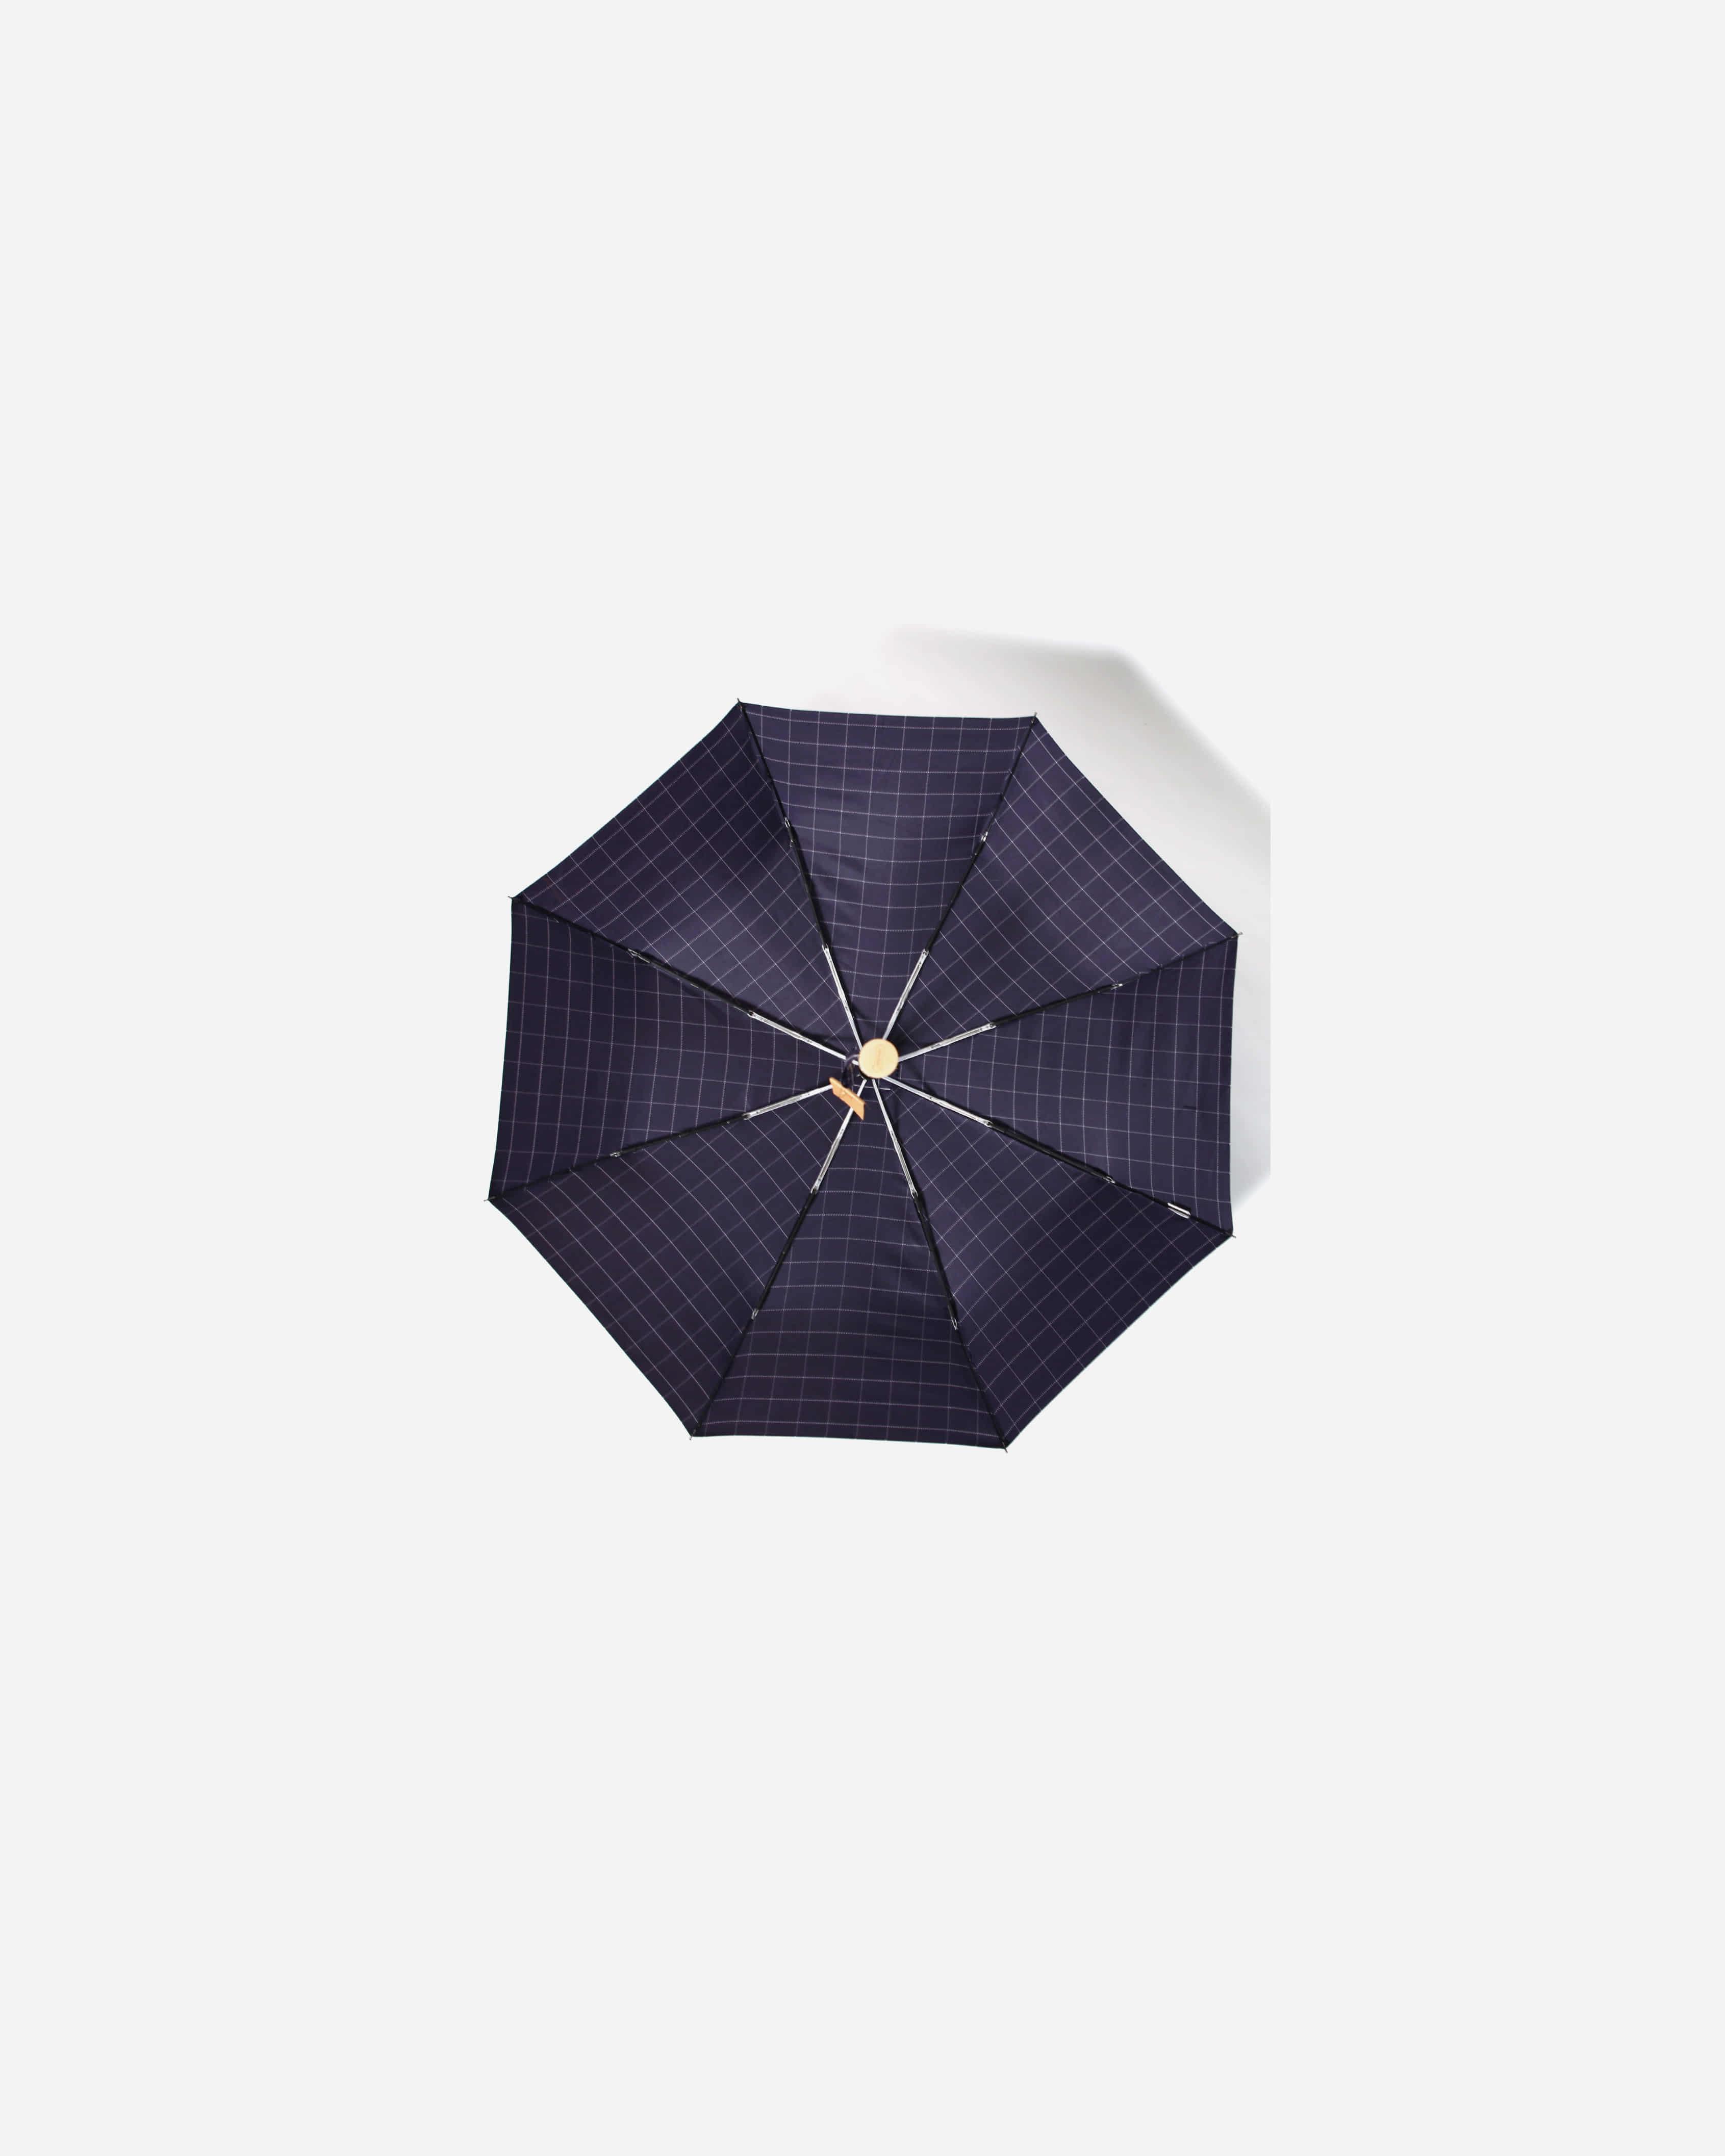 파라체이스(PARACHASE) 3256 코튼 체크 패브릭 포플러 전자동 3단 우산 양산 겸용